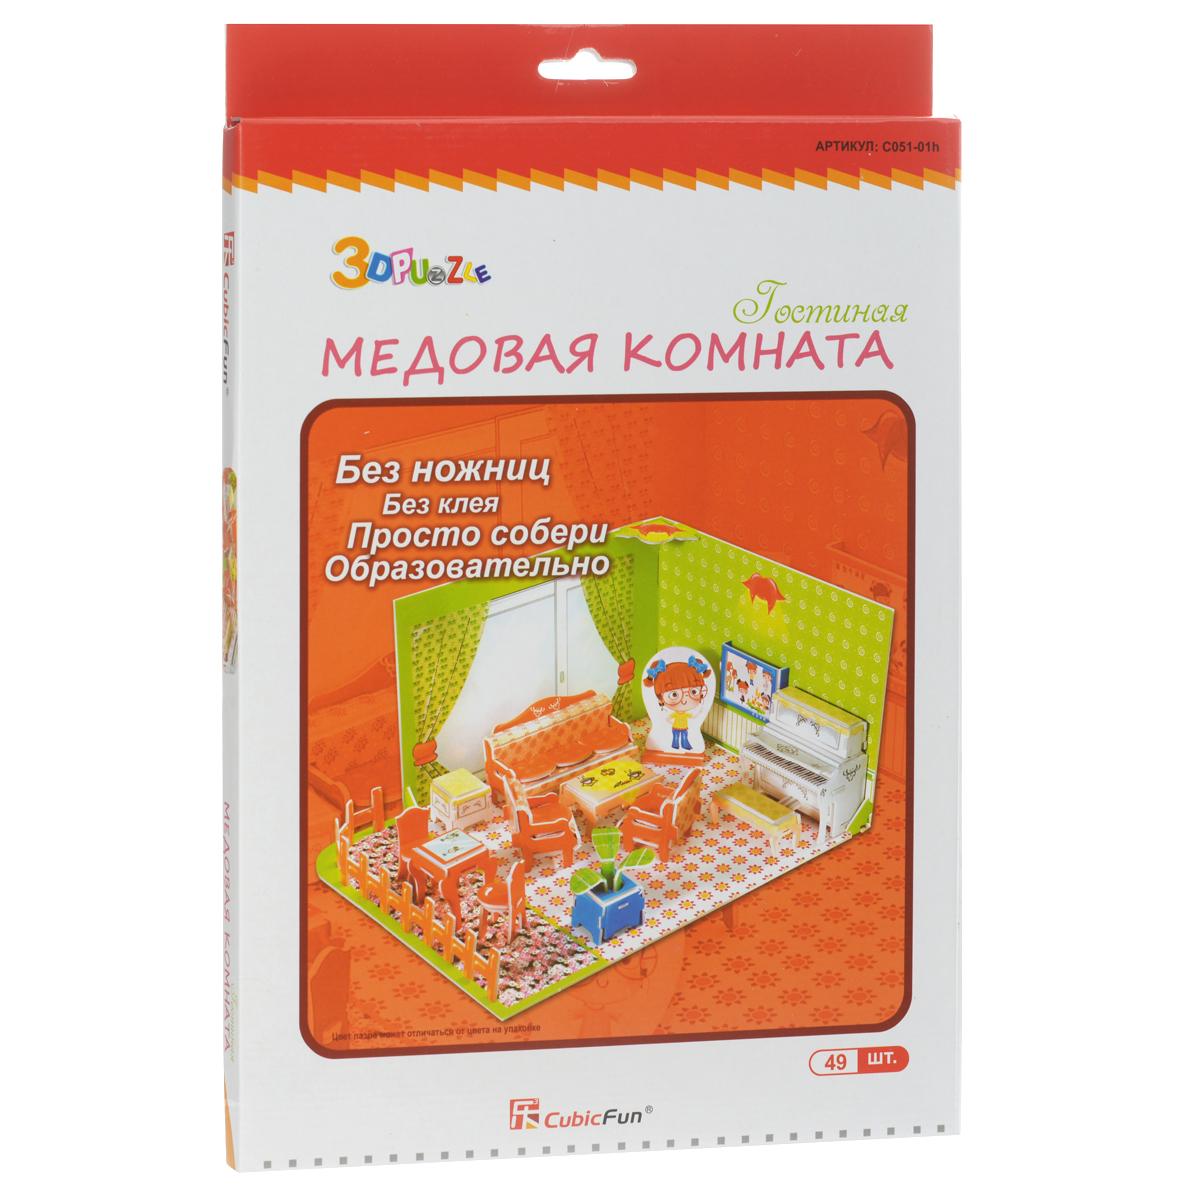 """""""Honey Room-Livingroom"""" - уникальный конструктор-макет, с которым можно играть как дома, так и на улице. Составные элементы конструктора красочны и достаточно большие для того, чтобы даже маленькому ребенку было удобно и комфортно в него играть. Достаточно просто соединить элементы конструктора, и Вы получите объемную красочную модель гостиной для девочки."""